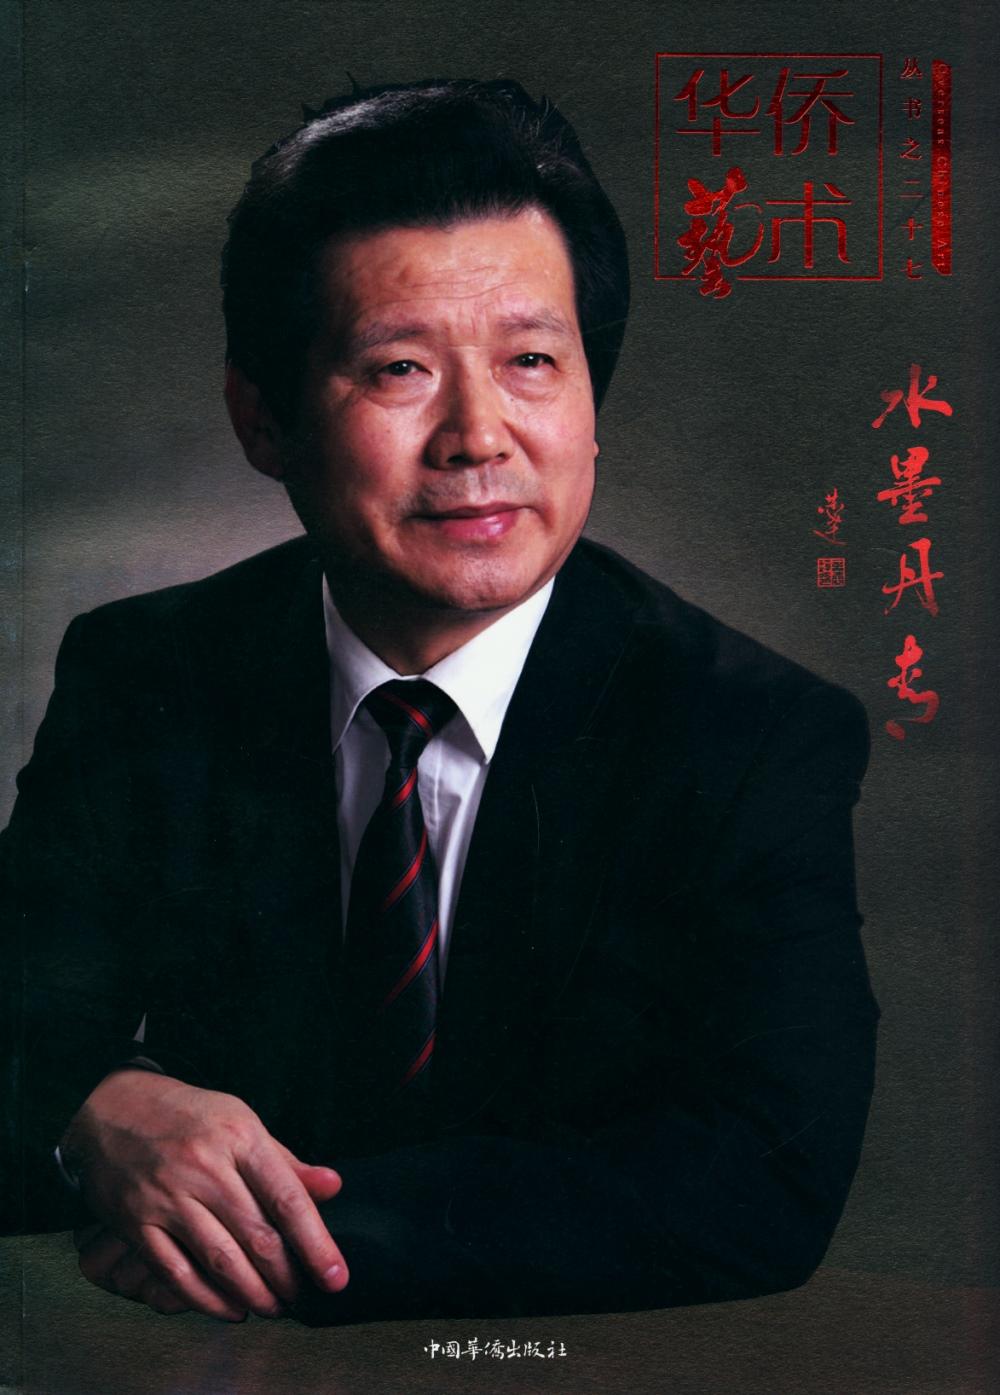 華僑藝術叢書之二十七·水墨丹青